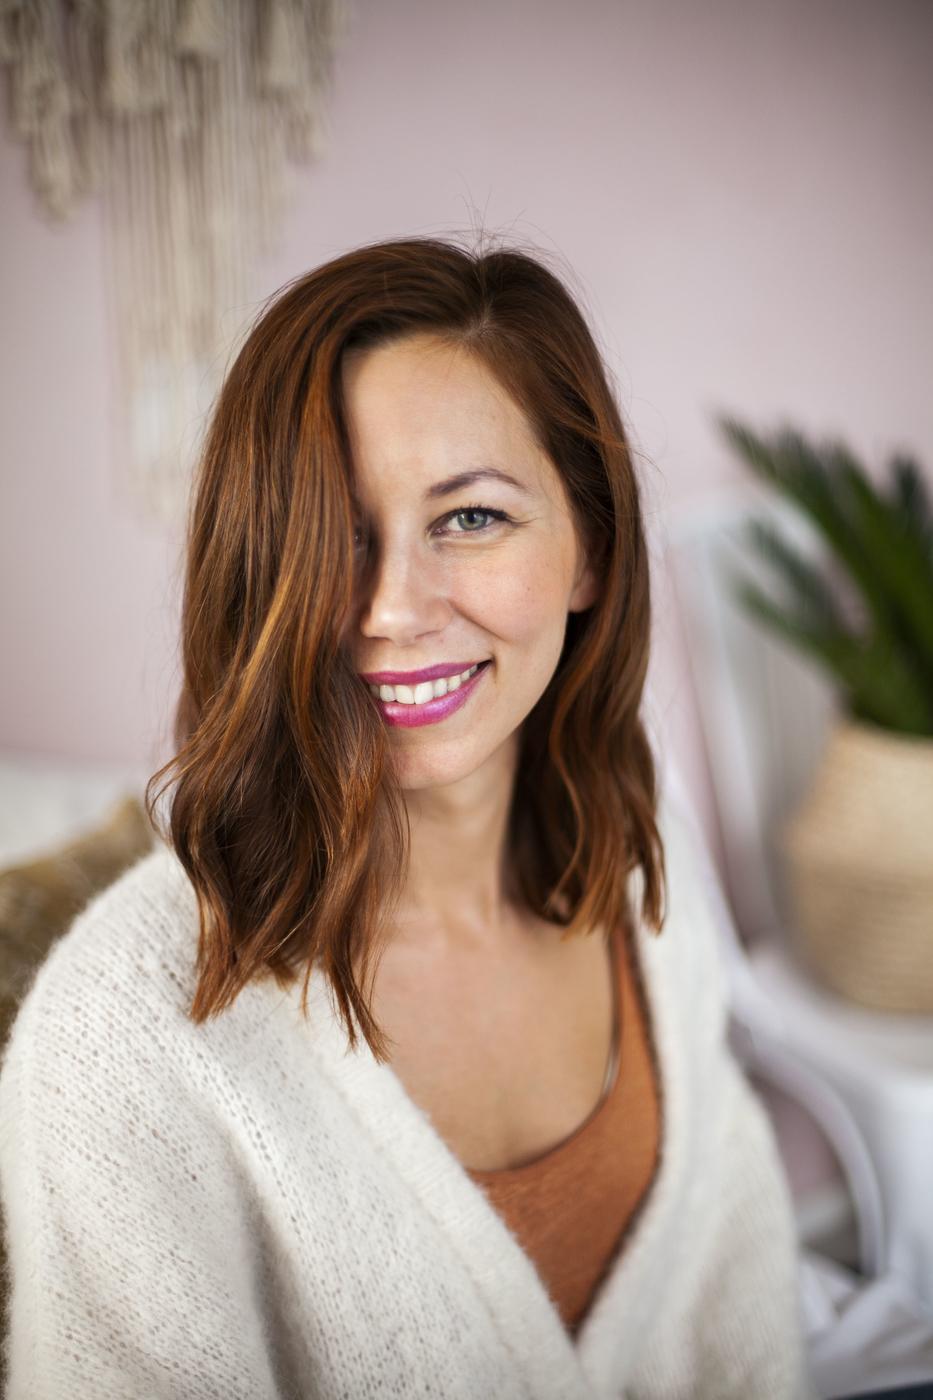 Toiveissa tuuheampi tukka: näin se onnistuu